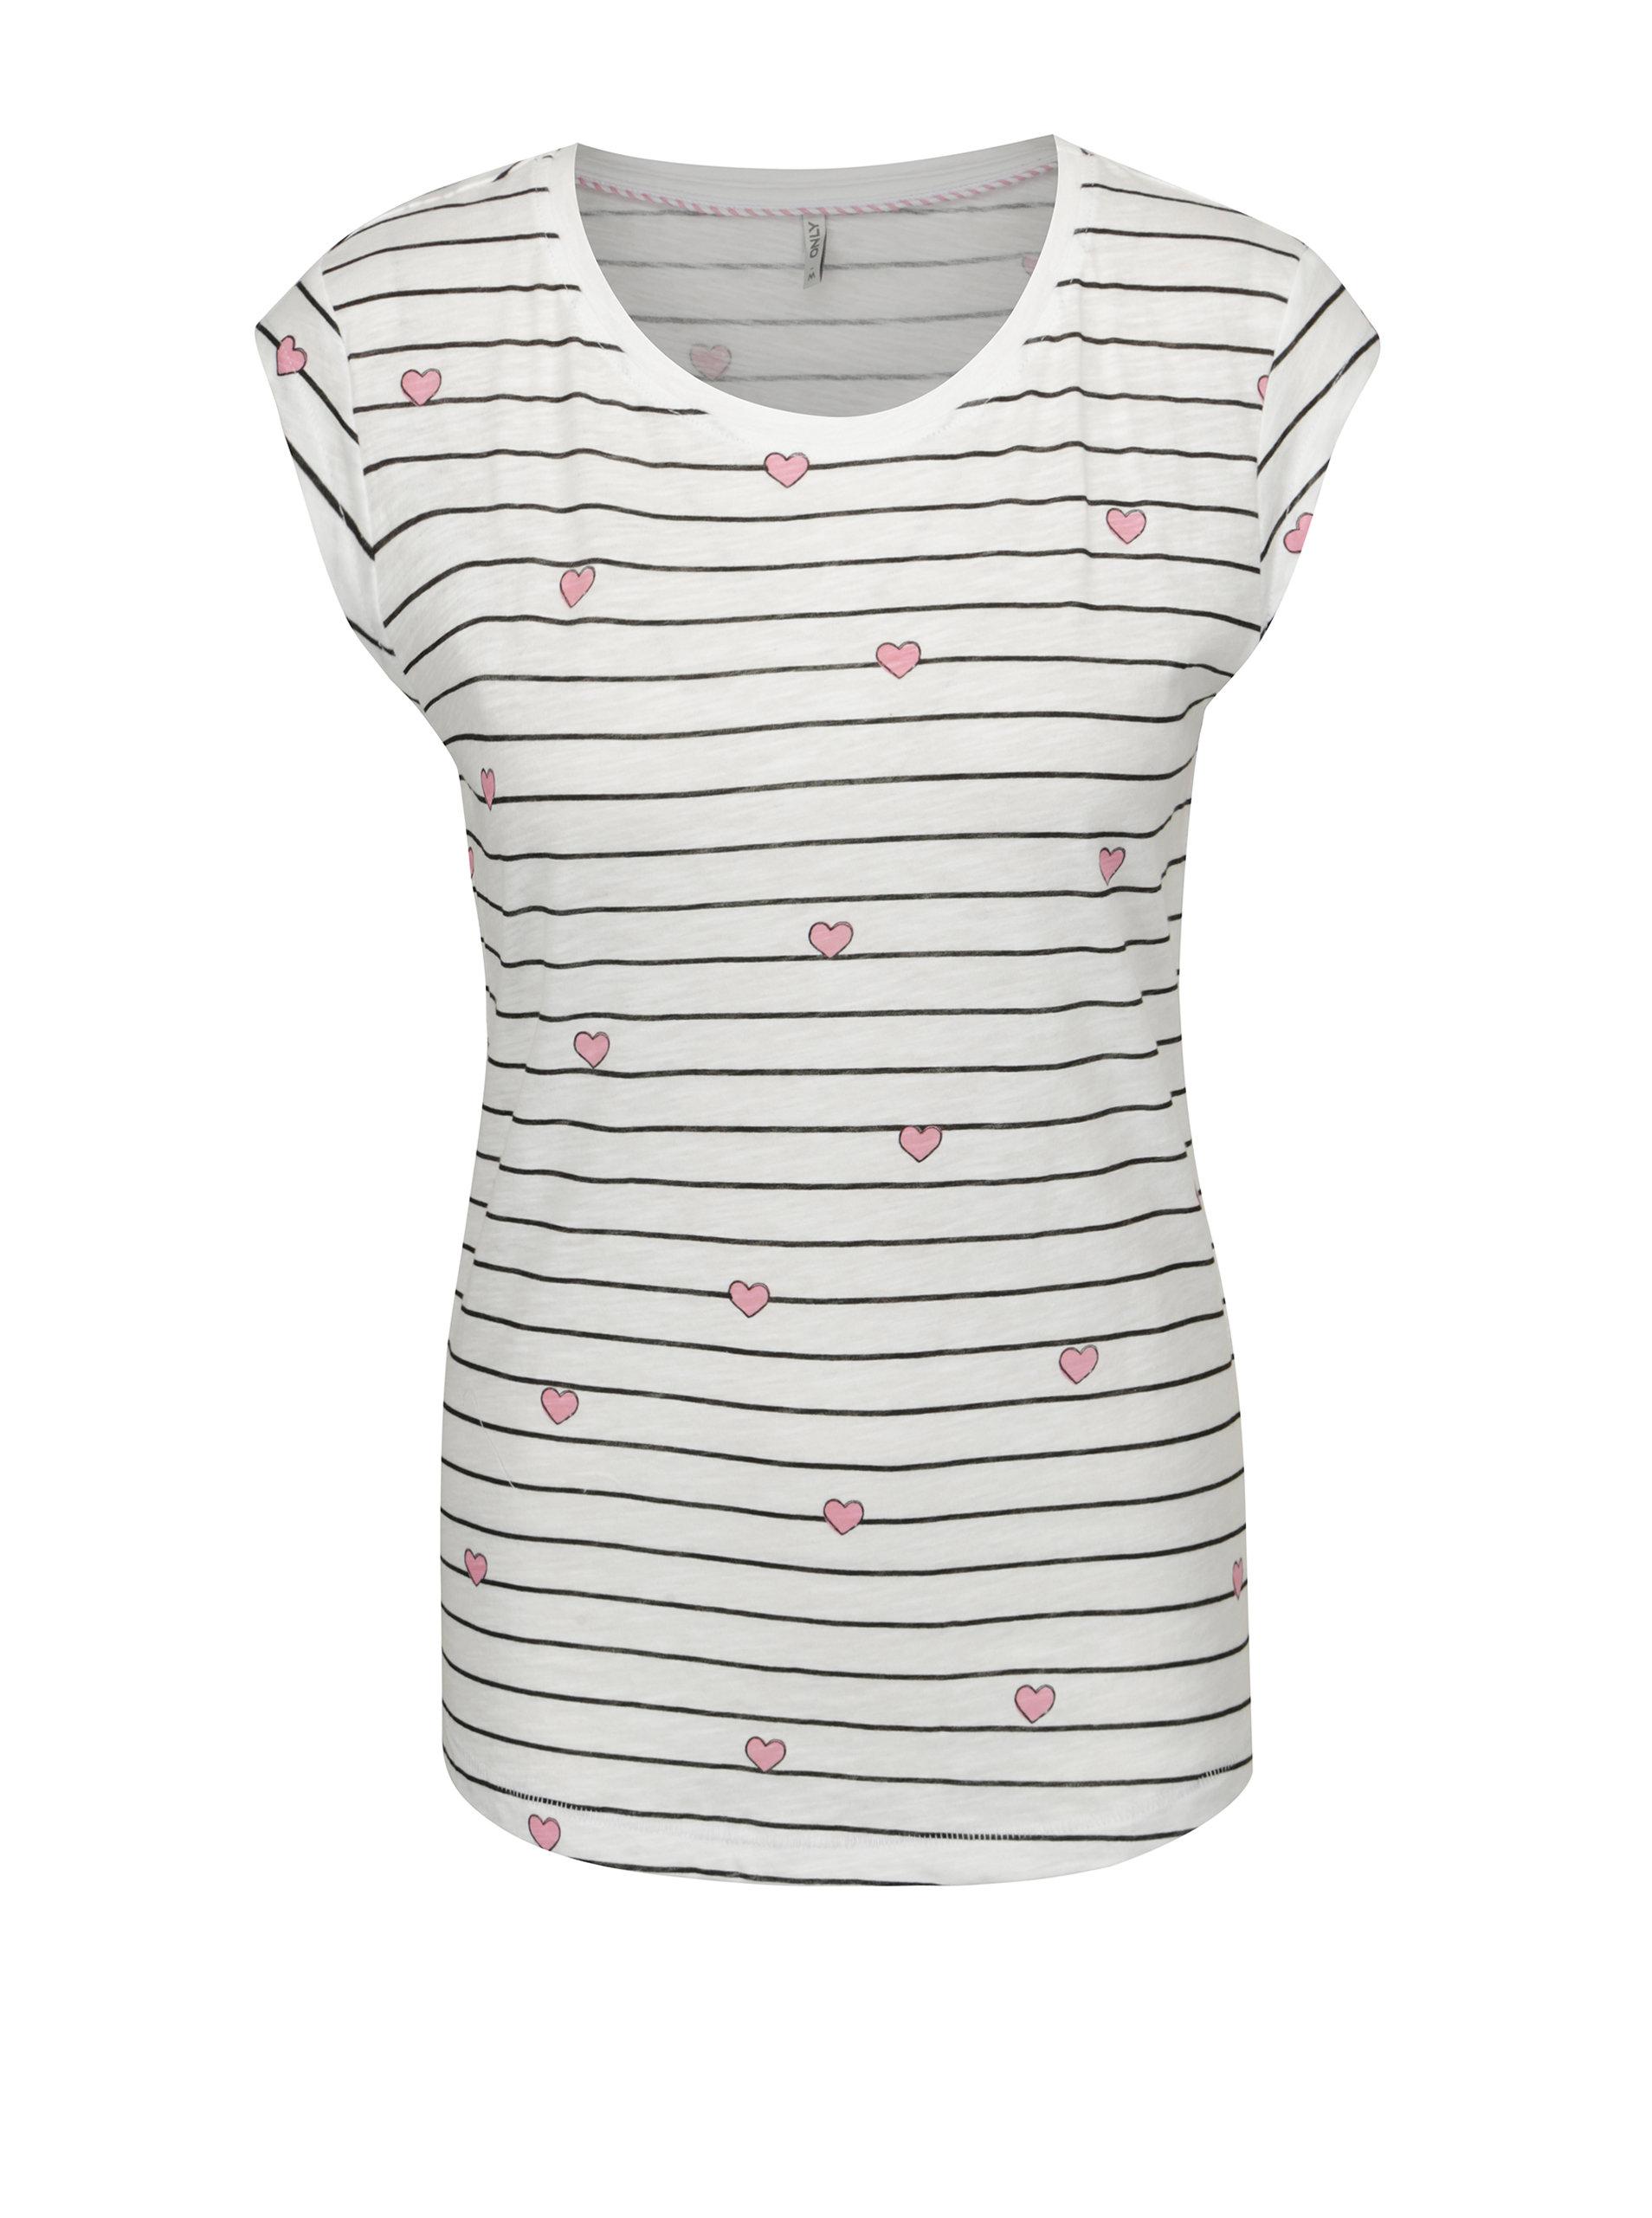 1776c0c111b1 Biele pruhované tričko s potlačou srdiečok ONLY Bone ...